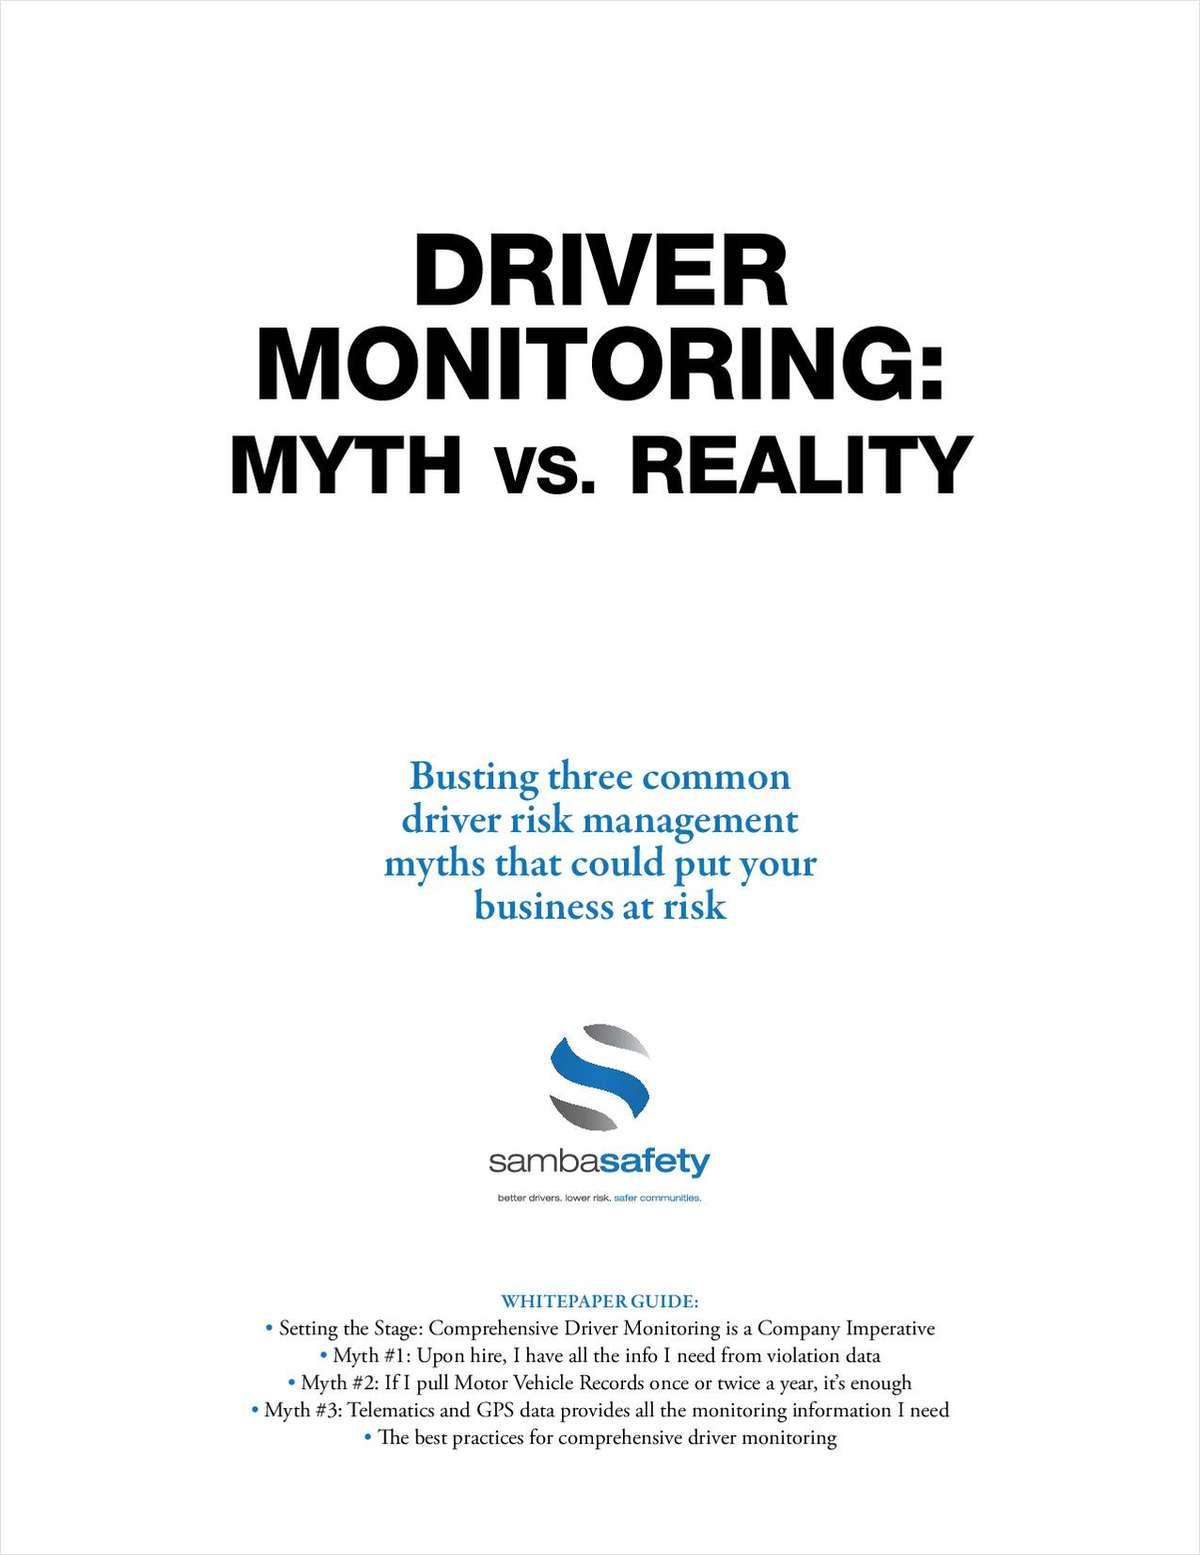 Driver Monitoring: Myth vs. Reality